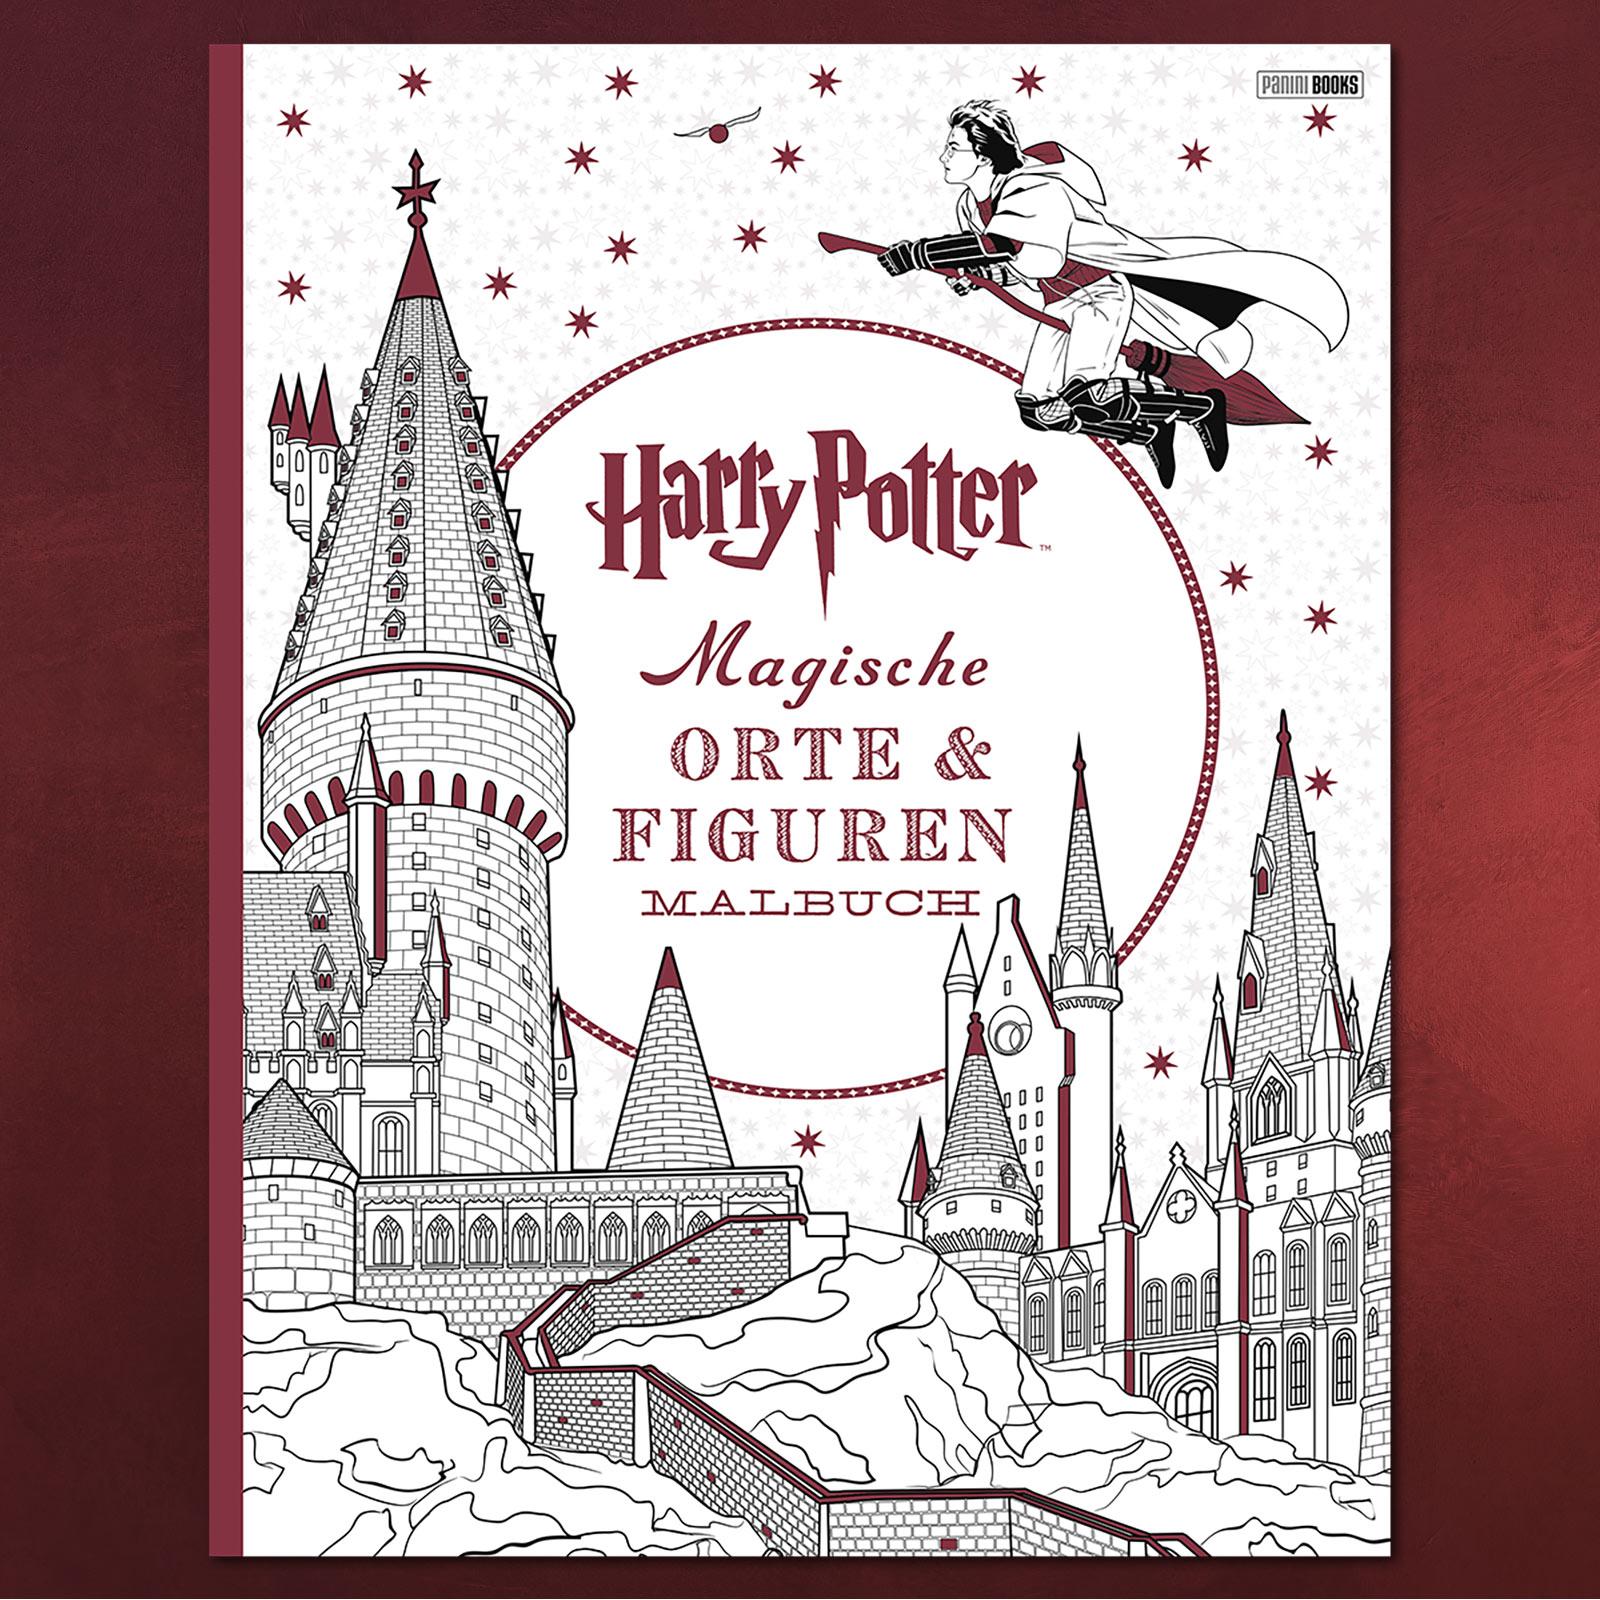 Harry Potter - Magische Orte und Figuren Malbuch   Elbenwald